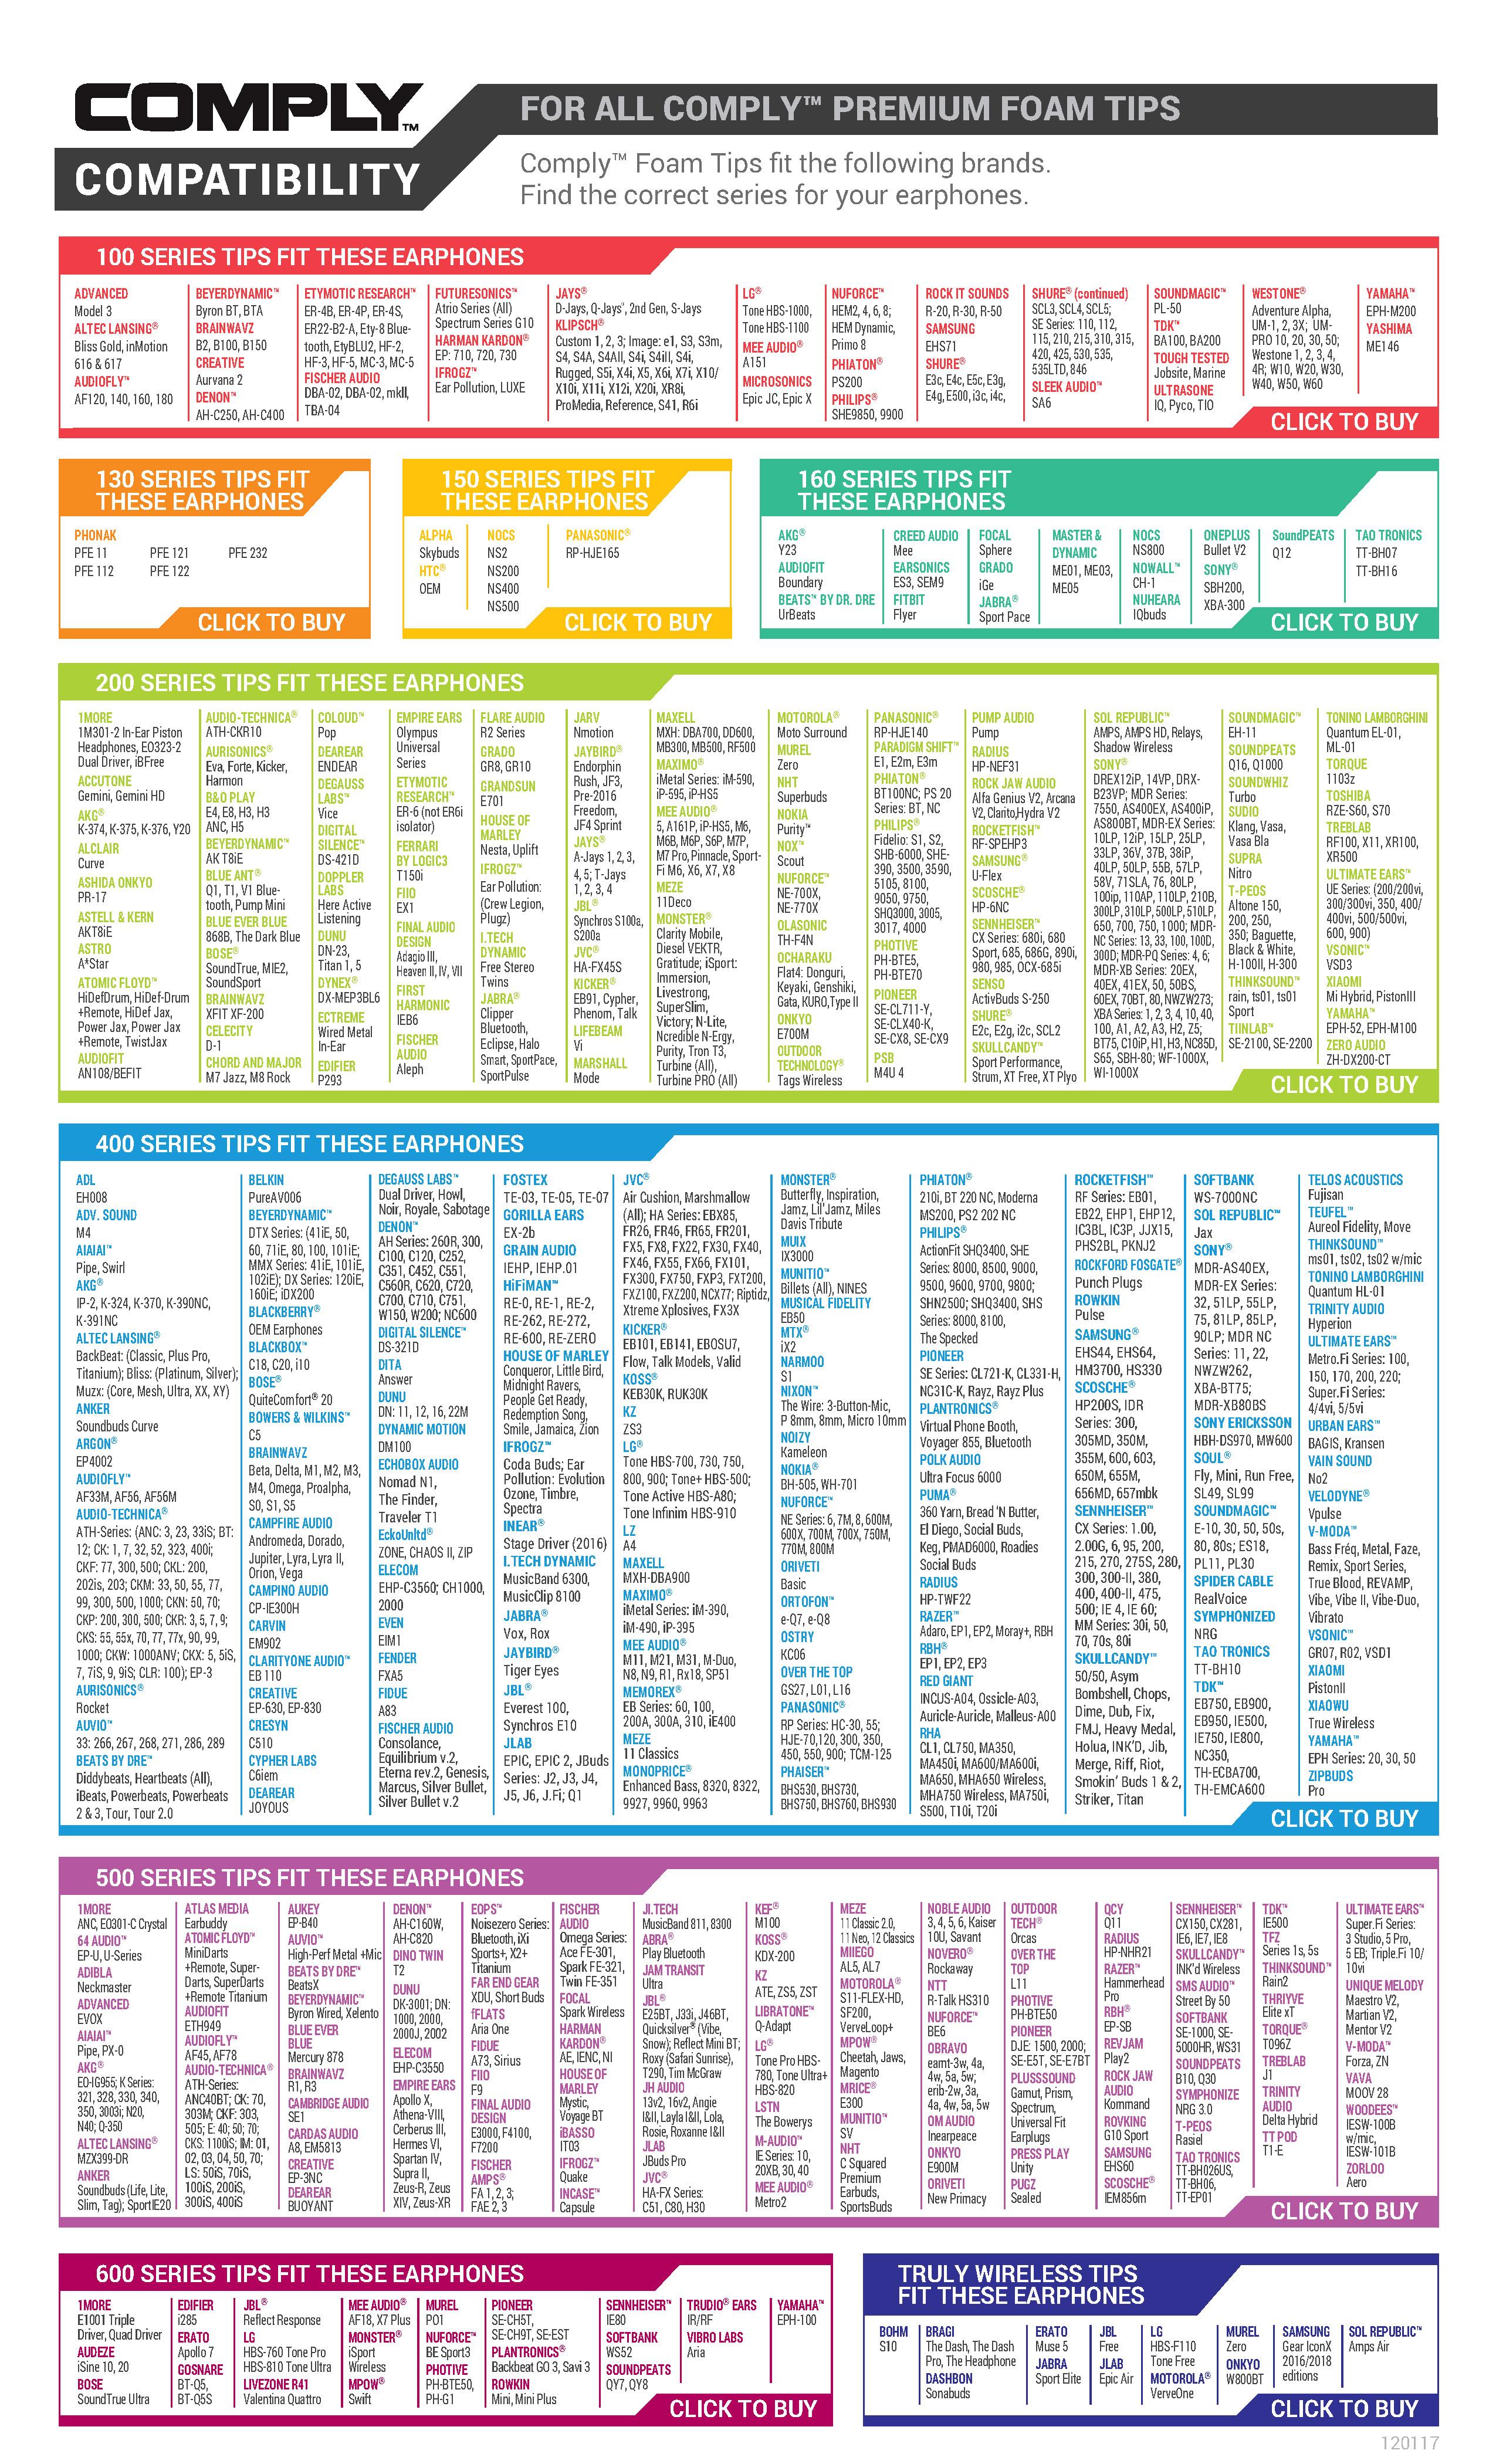 all-models-compatibility-chart-no-click.jpg